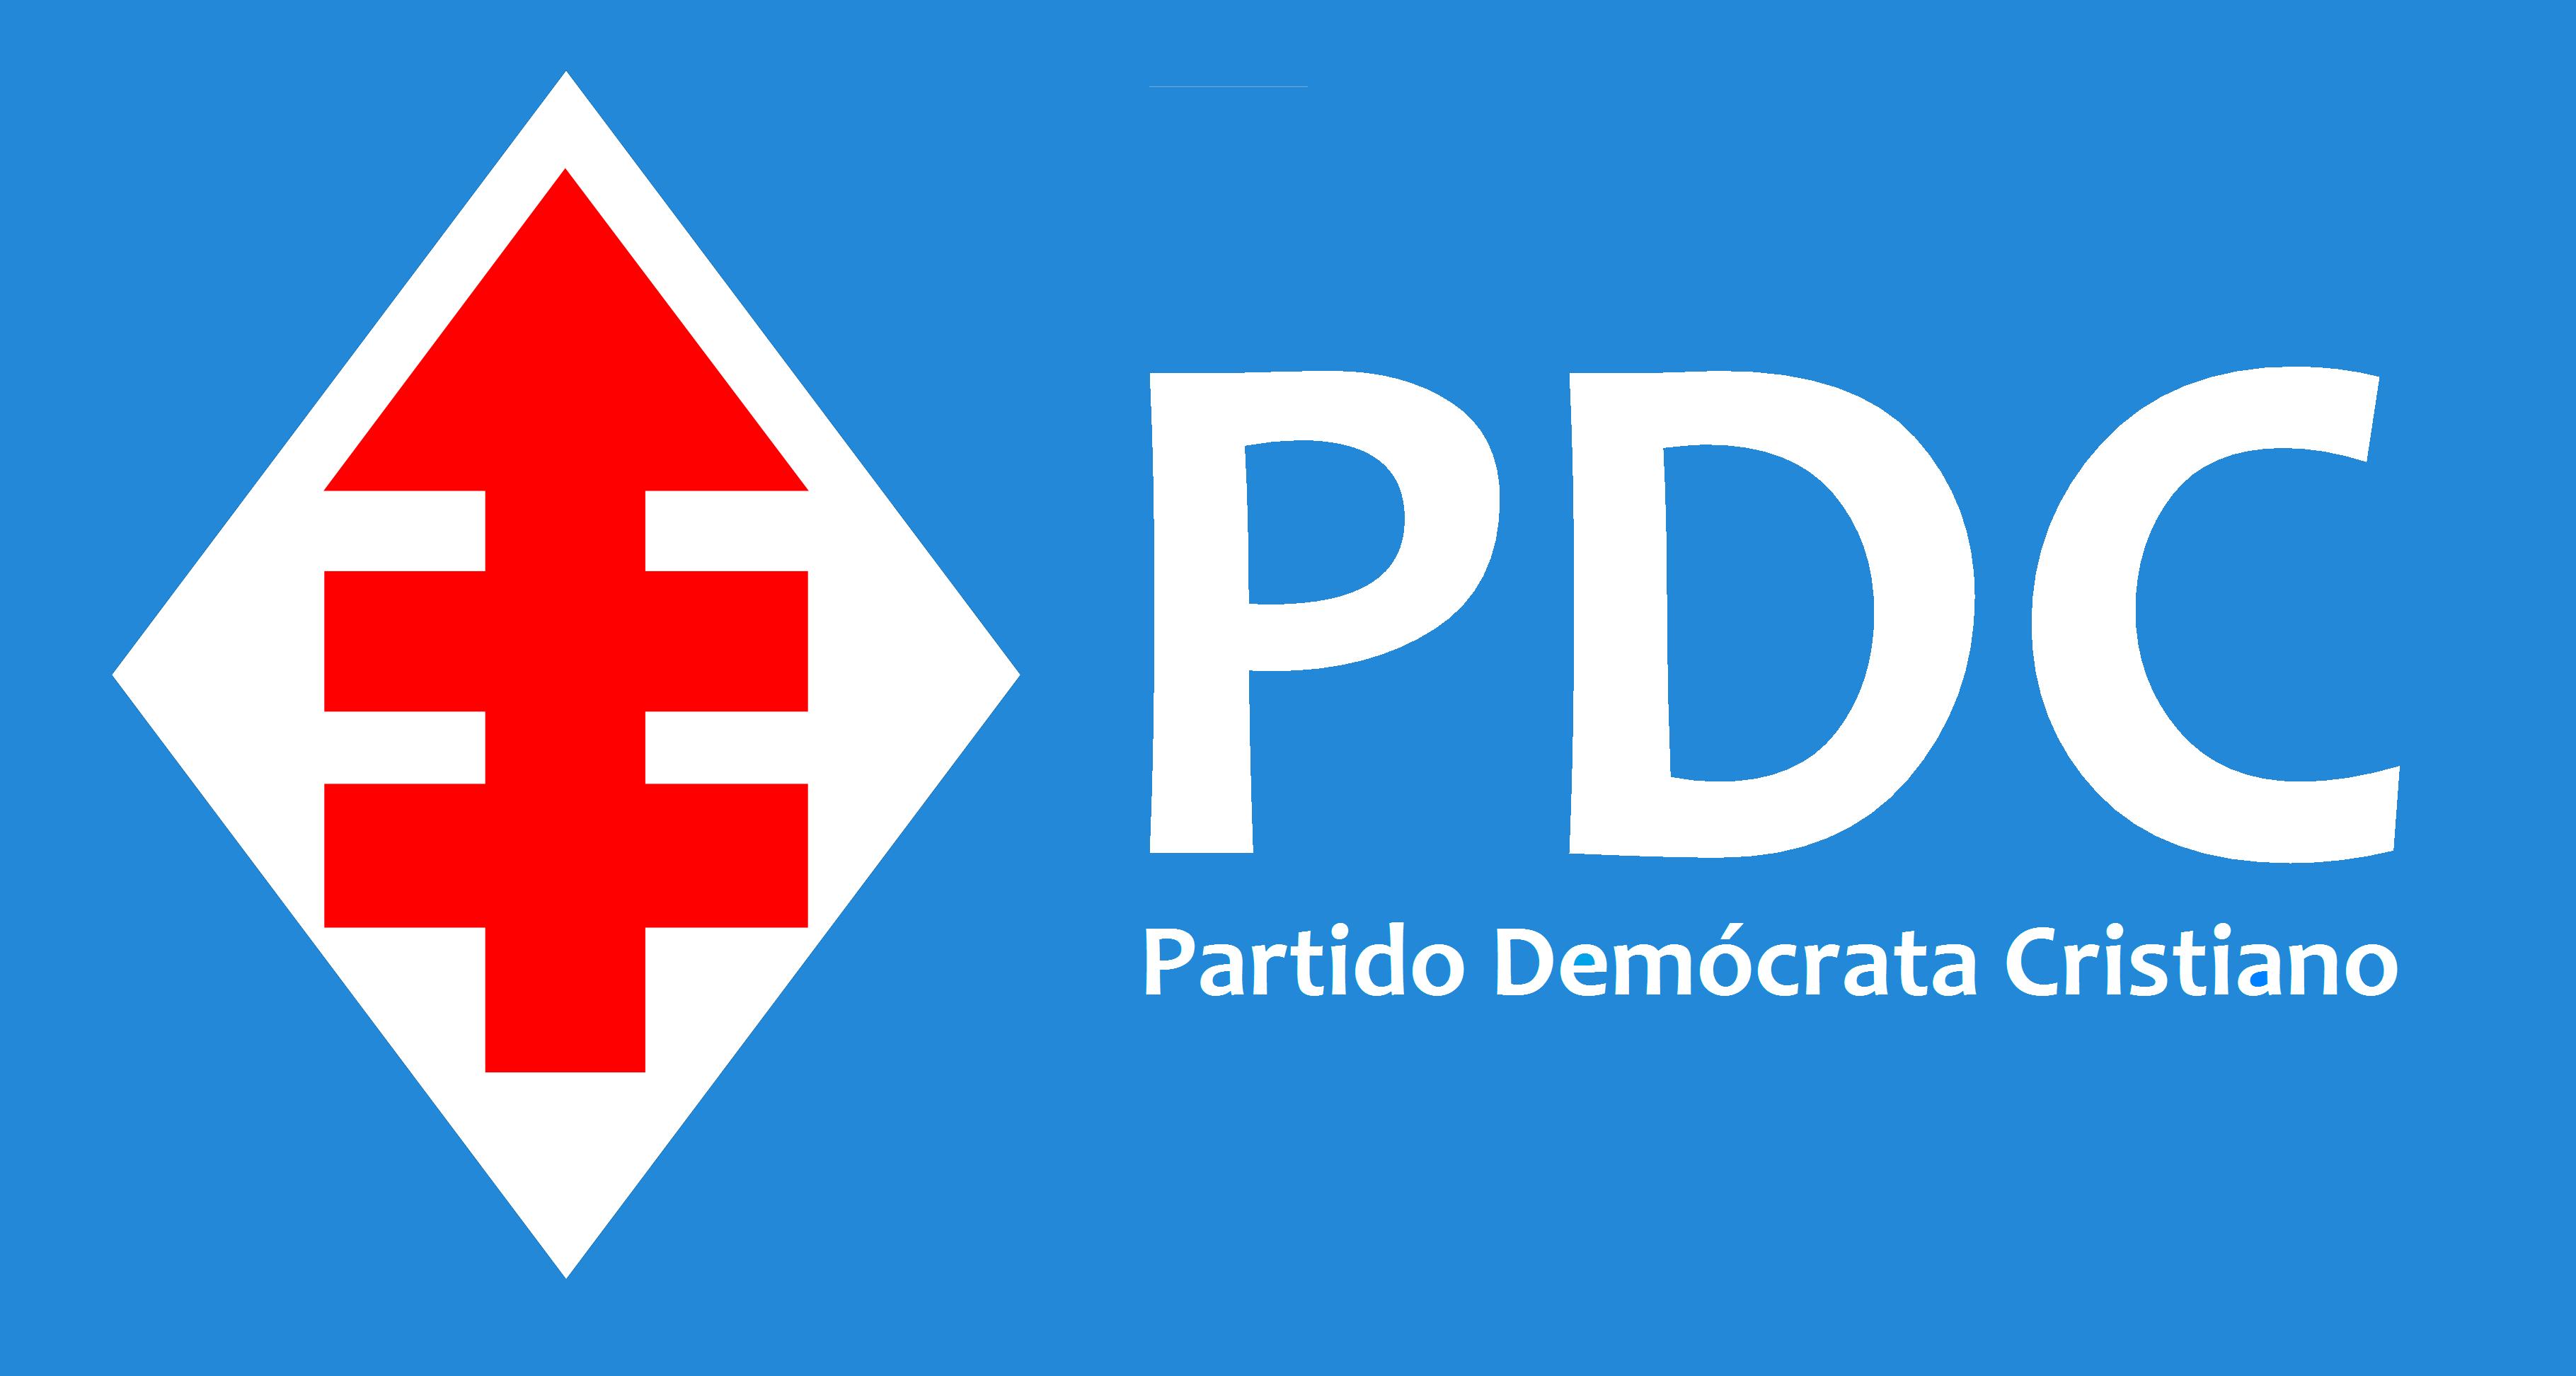 LA DEMOCRACIA CRISTIANA CHILENA: UN PARTIDO CONTRAINSURGENTE